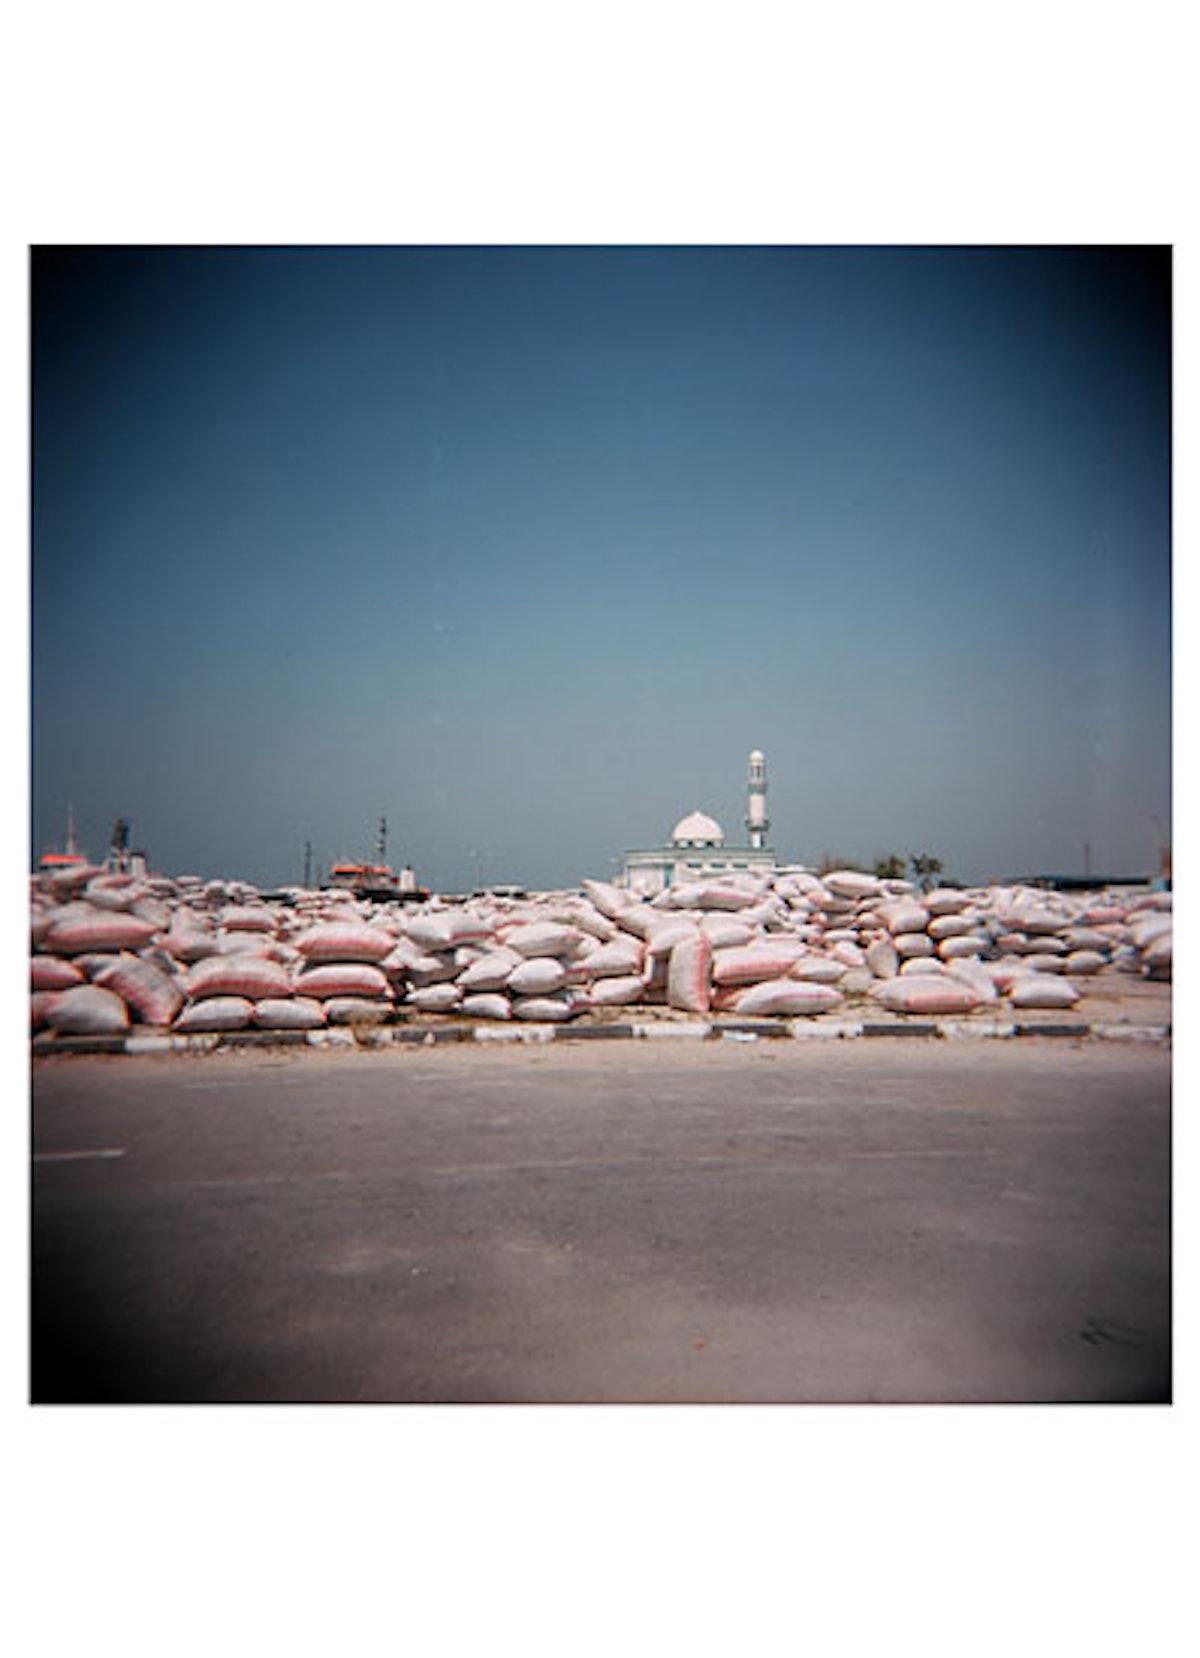 arss-ziad-antar-photographs-01-v.jpg